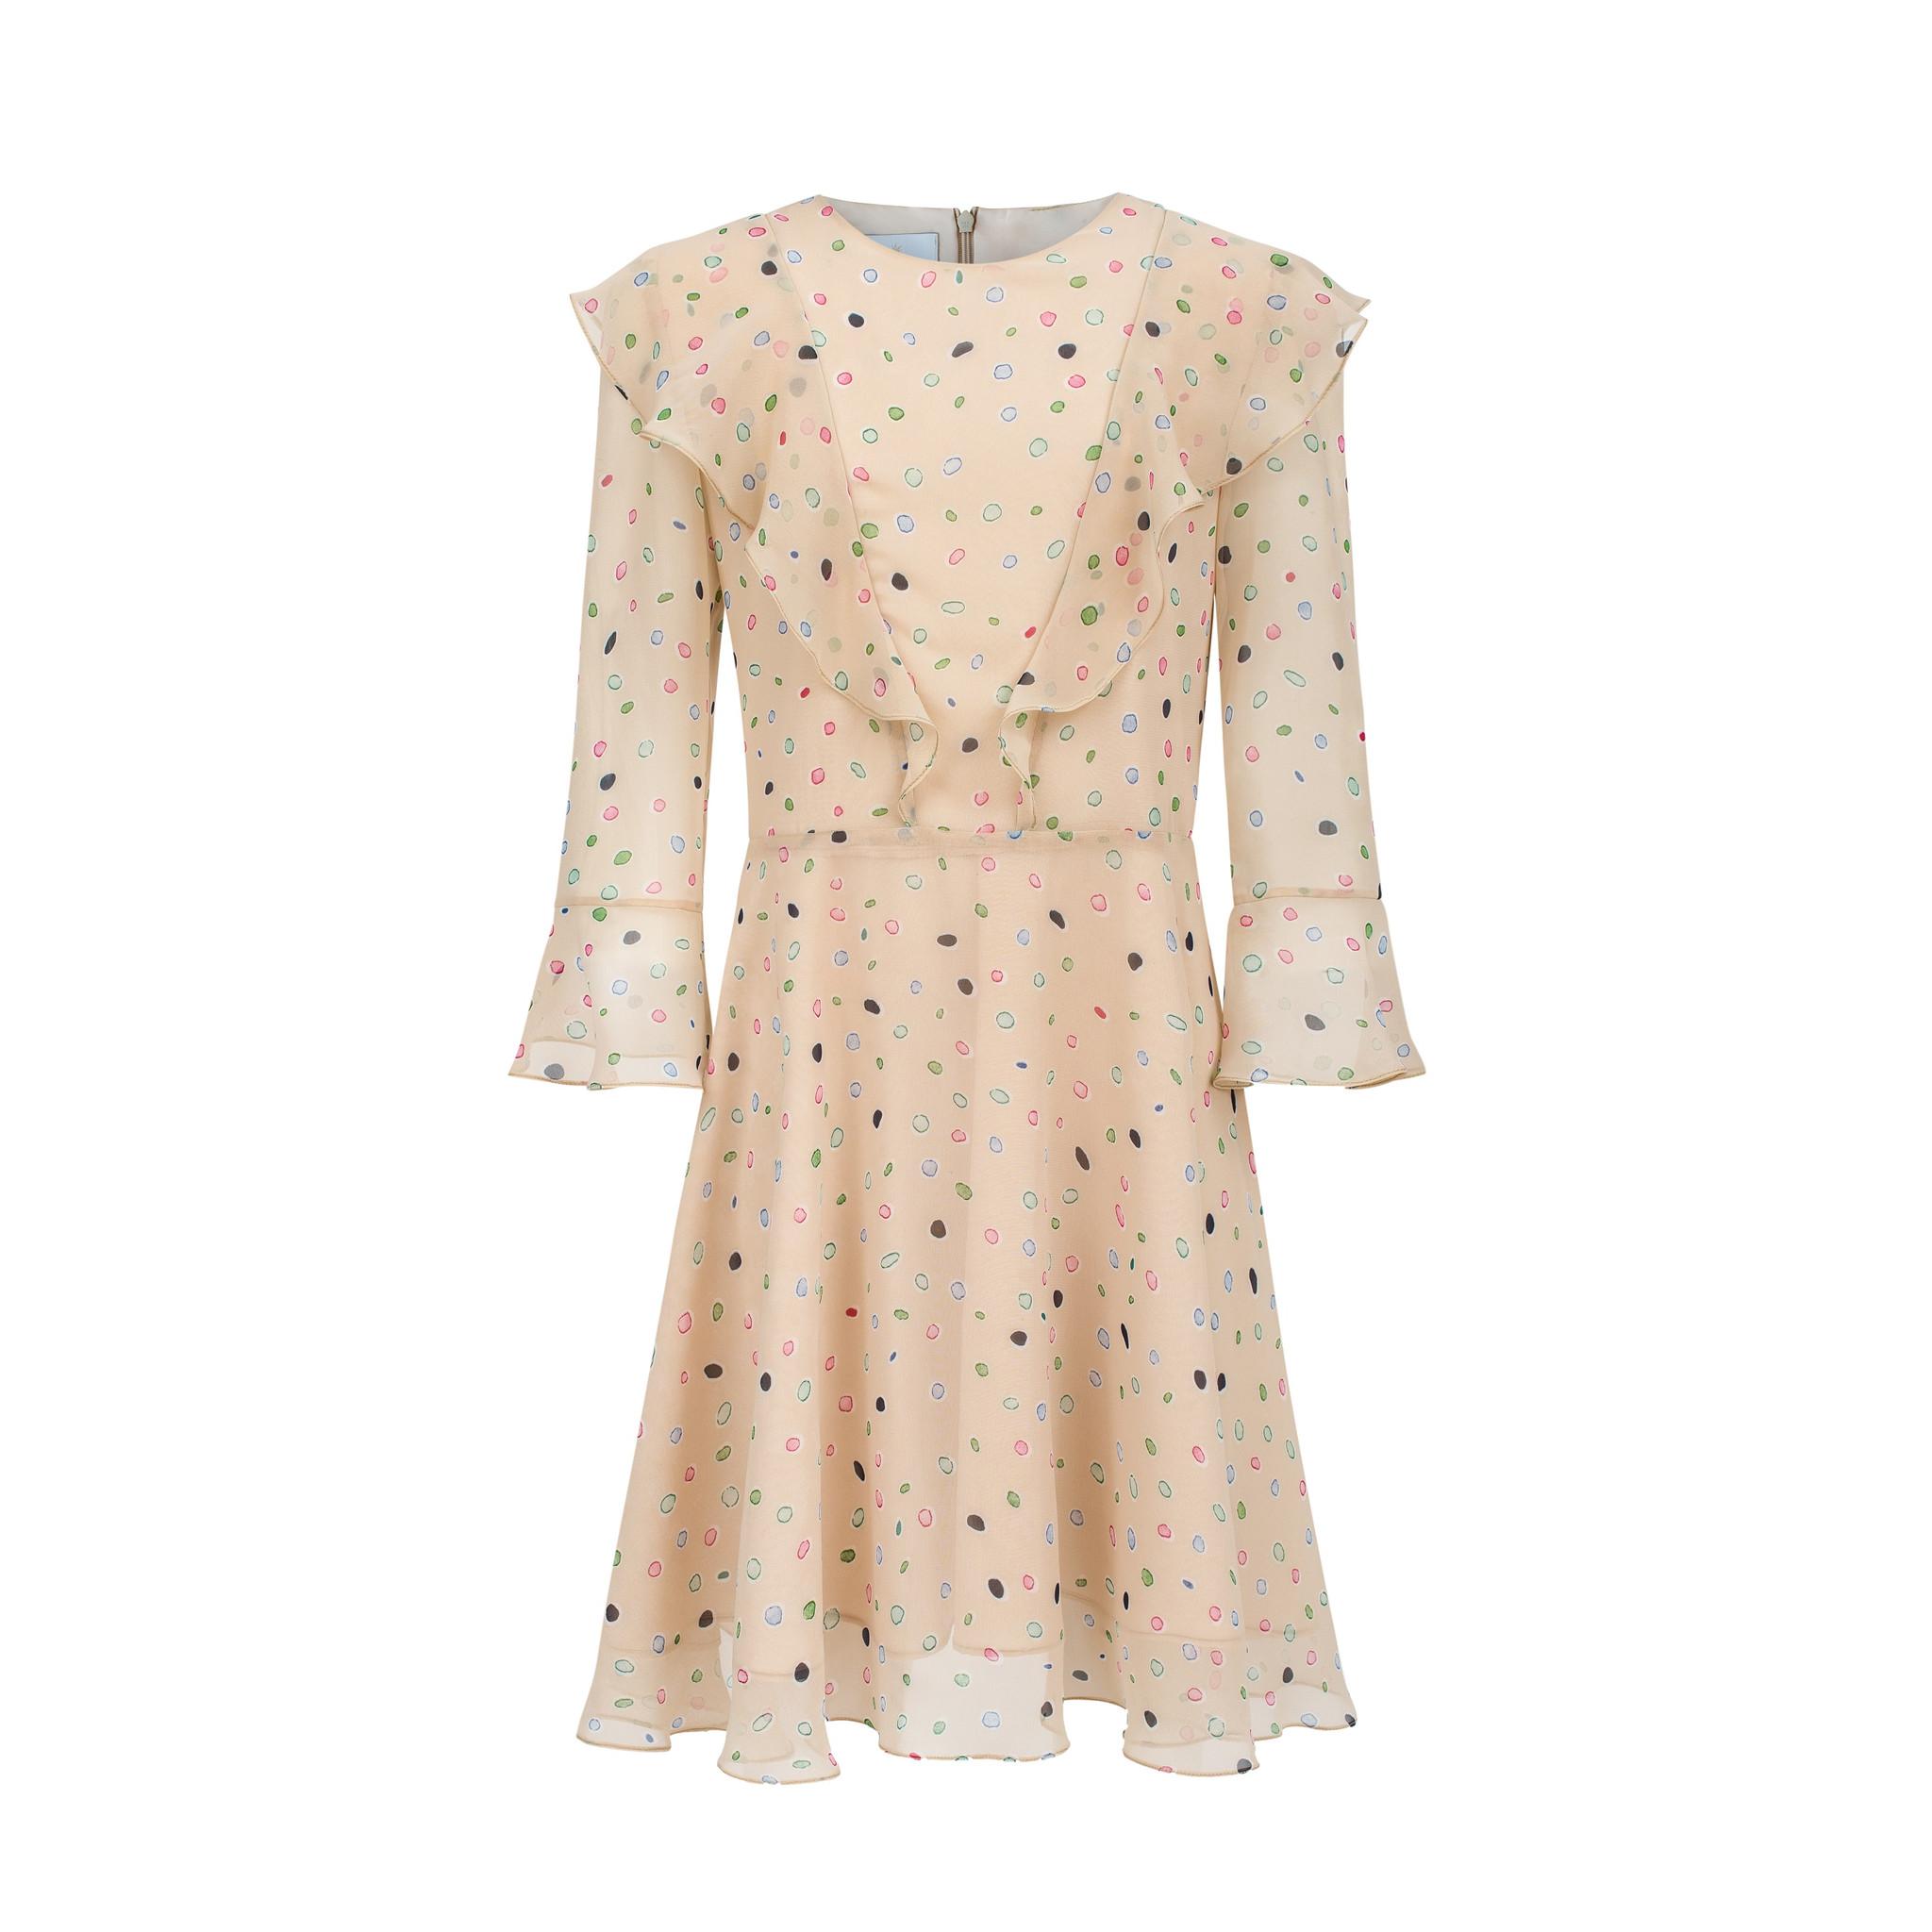 Rozkloszowana szyfonowa sukienka udekorowana delikatymi falbankami z przodu i z tyłu, na podszewce, rękaw również z falbanką. Zapina się z tyłu na kryty zamek. Dostępna w rozmiarach 116/122 cm, 128/134 cm, 140/146 cm, 152 cm Nadaje się do prania w pralce przy t 40C, prasowanie przy t 150 C